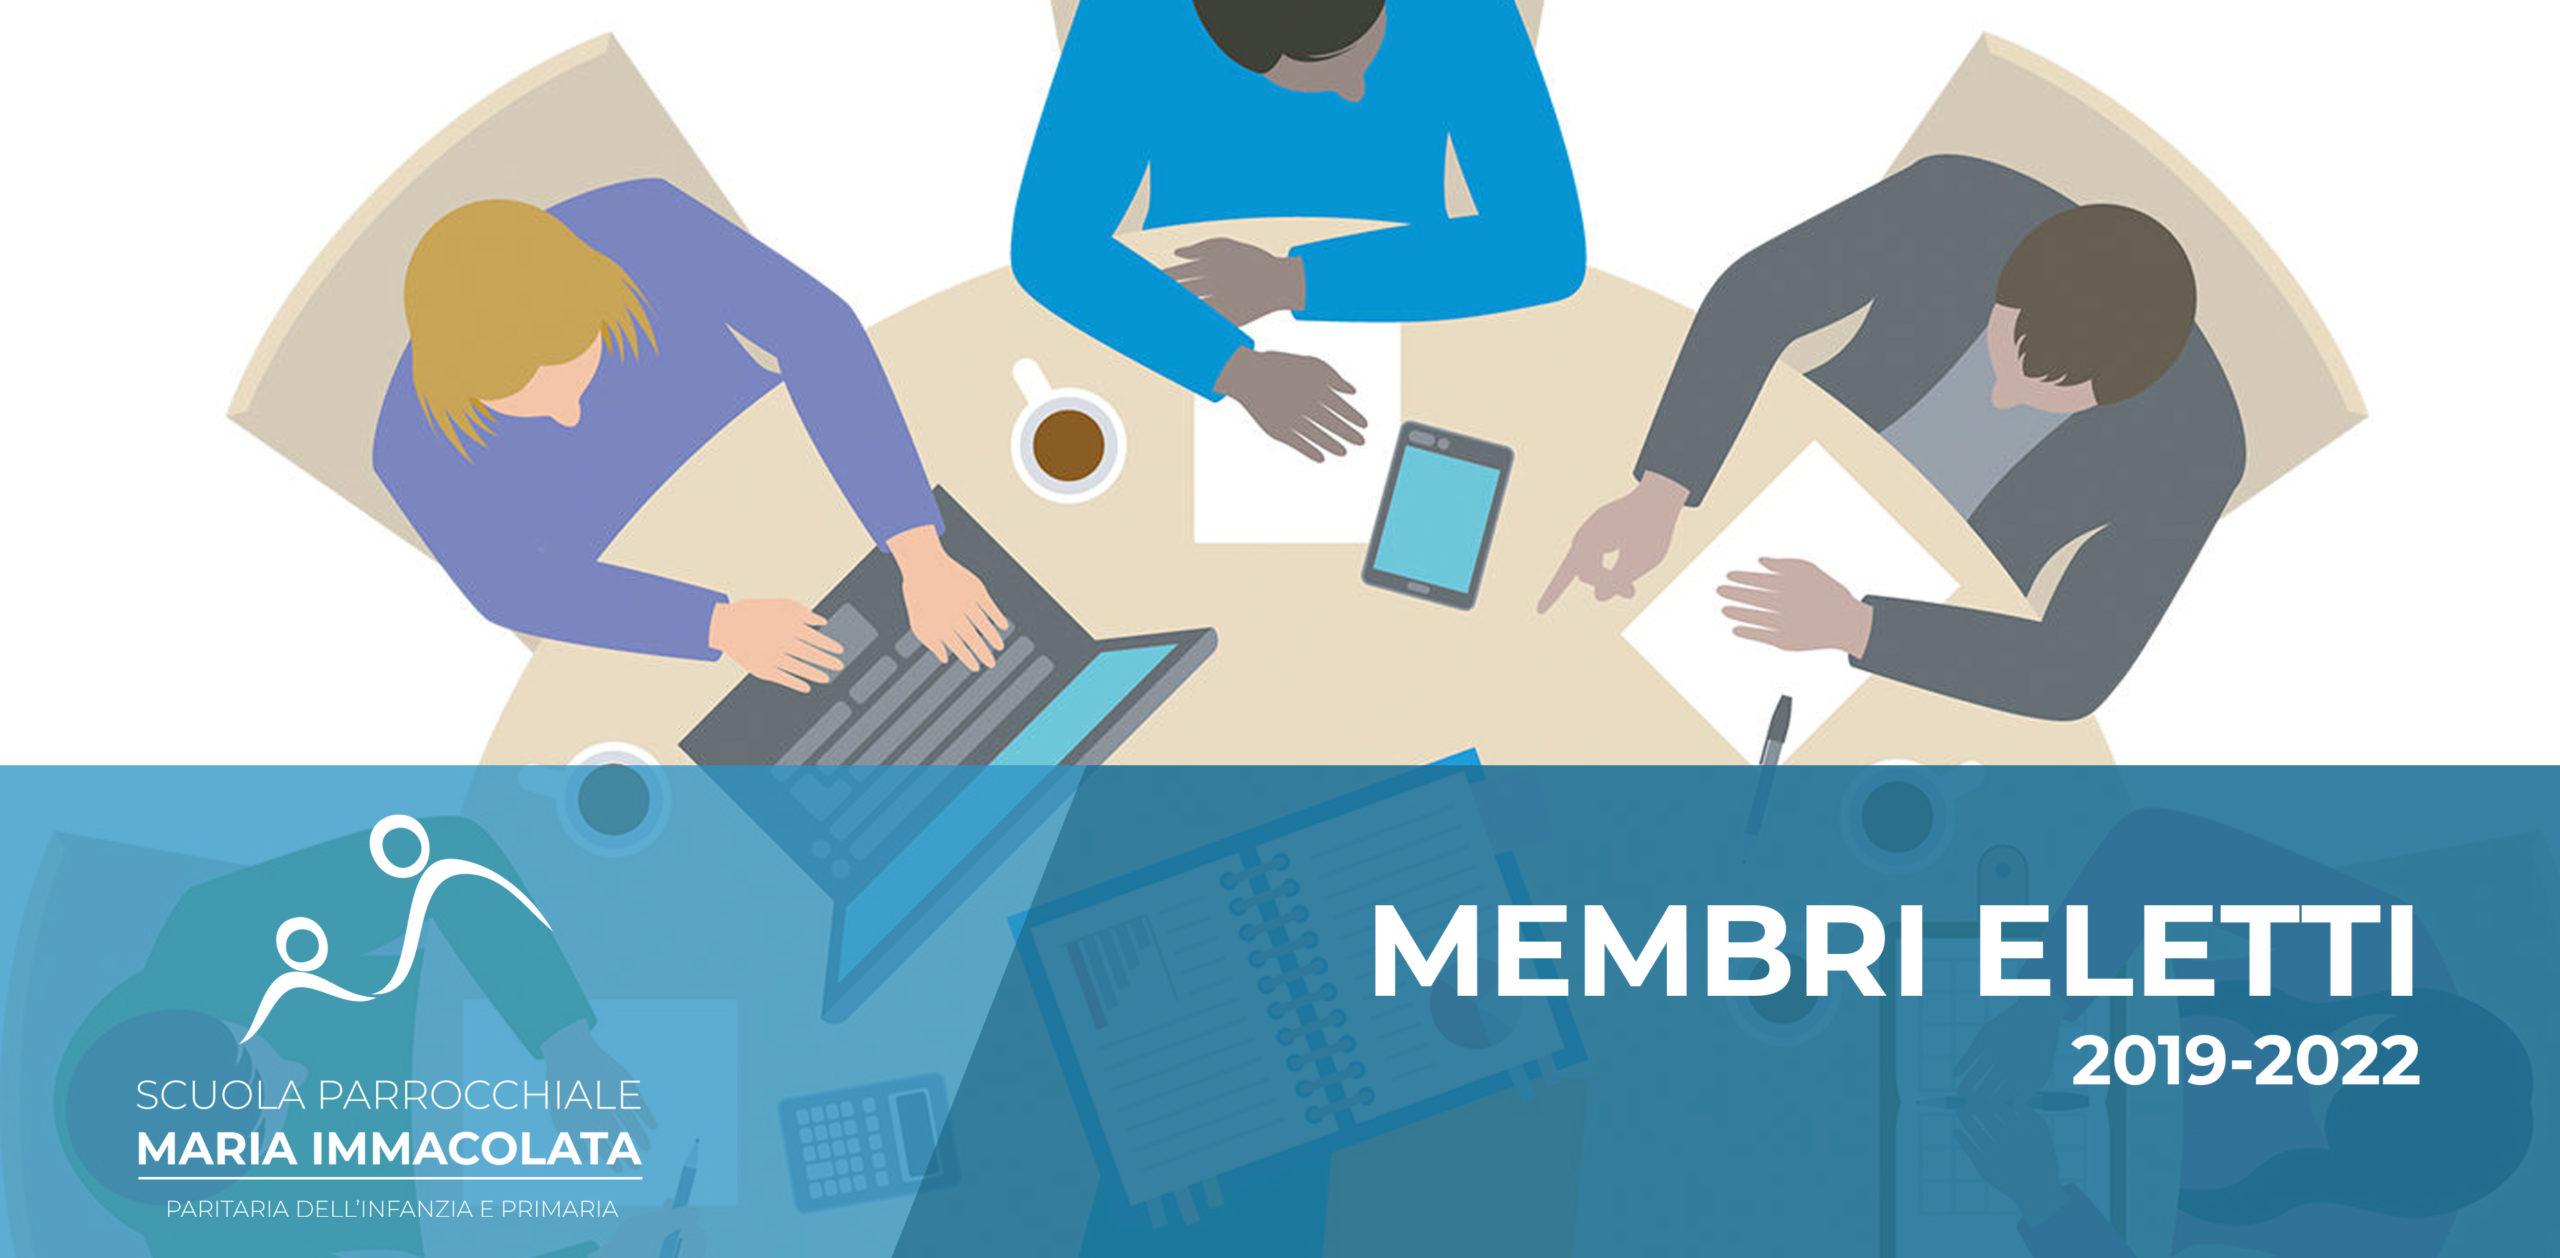 Membri Consiglio d'Istituto 2019-2022